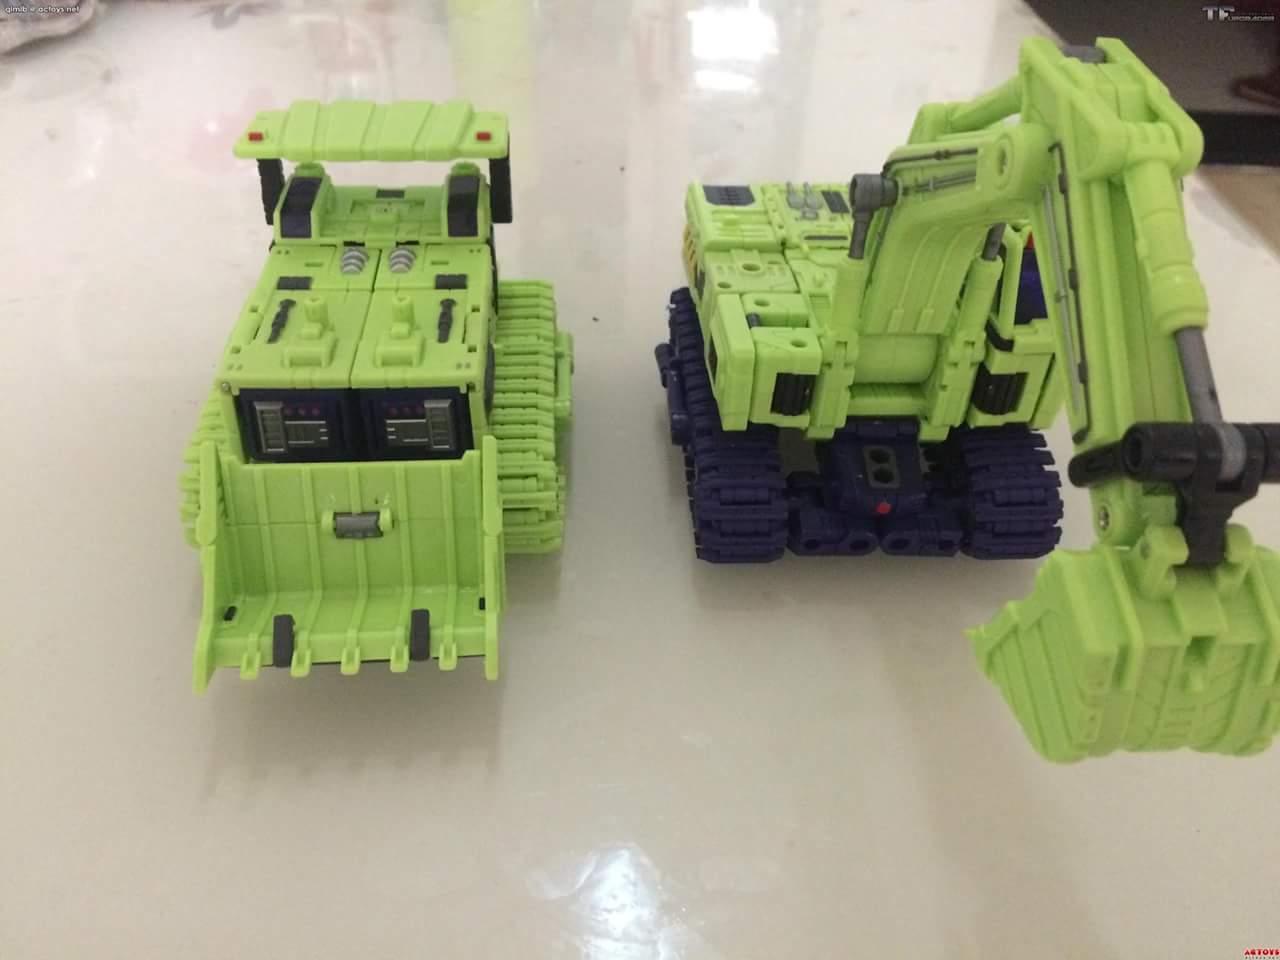 [Toyworld] Produit Tiers - Jouet TW-C Constructor aka Devastator/Dévastateur (Version vert G1 et jaune G2) - Page 4 5nNO3m51